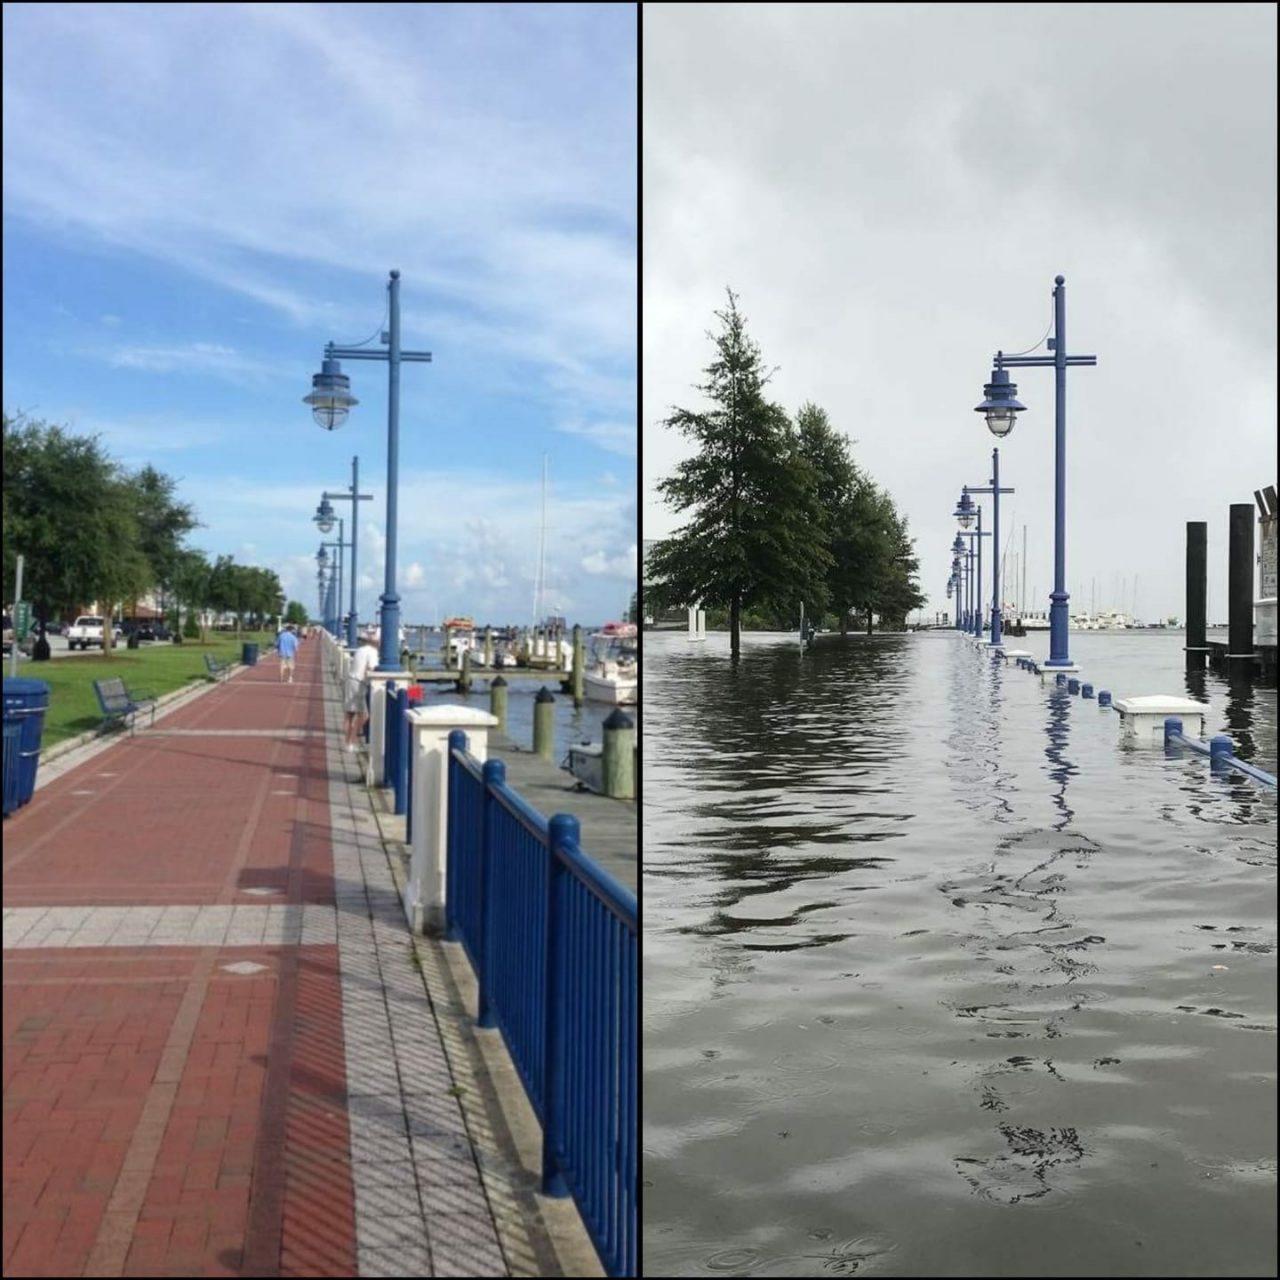 Washington waterfront before flooding, left, and after flooding. Photo: Washington NC